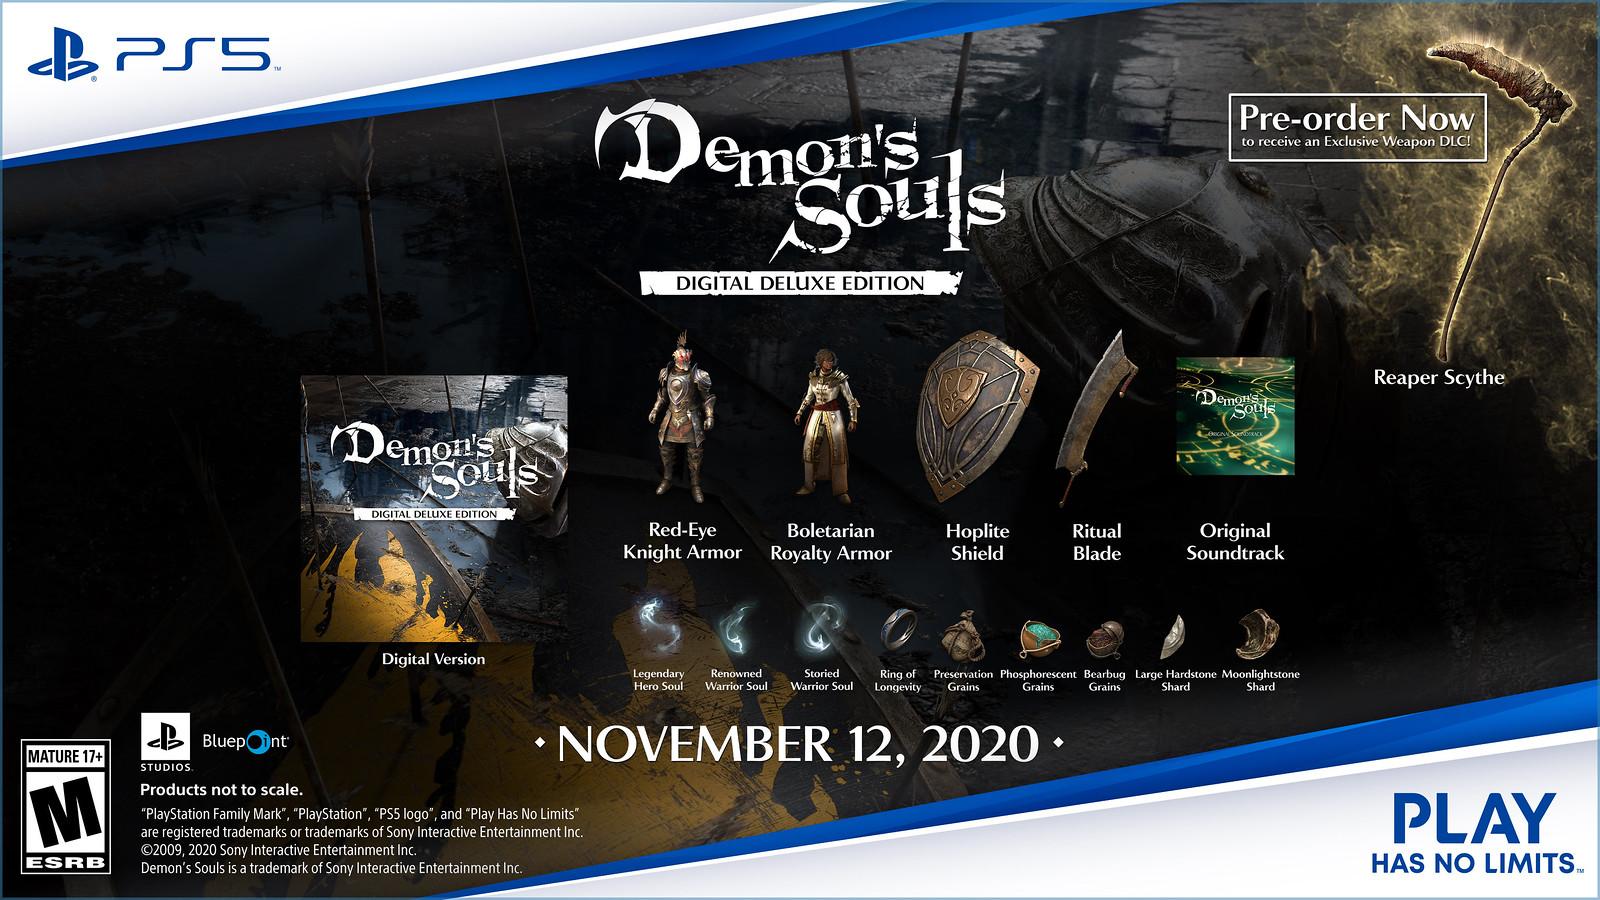 Demon's Souls Digital Deluxe Edition